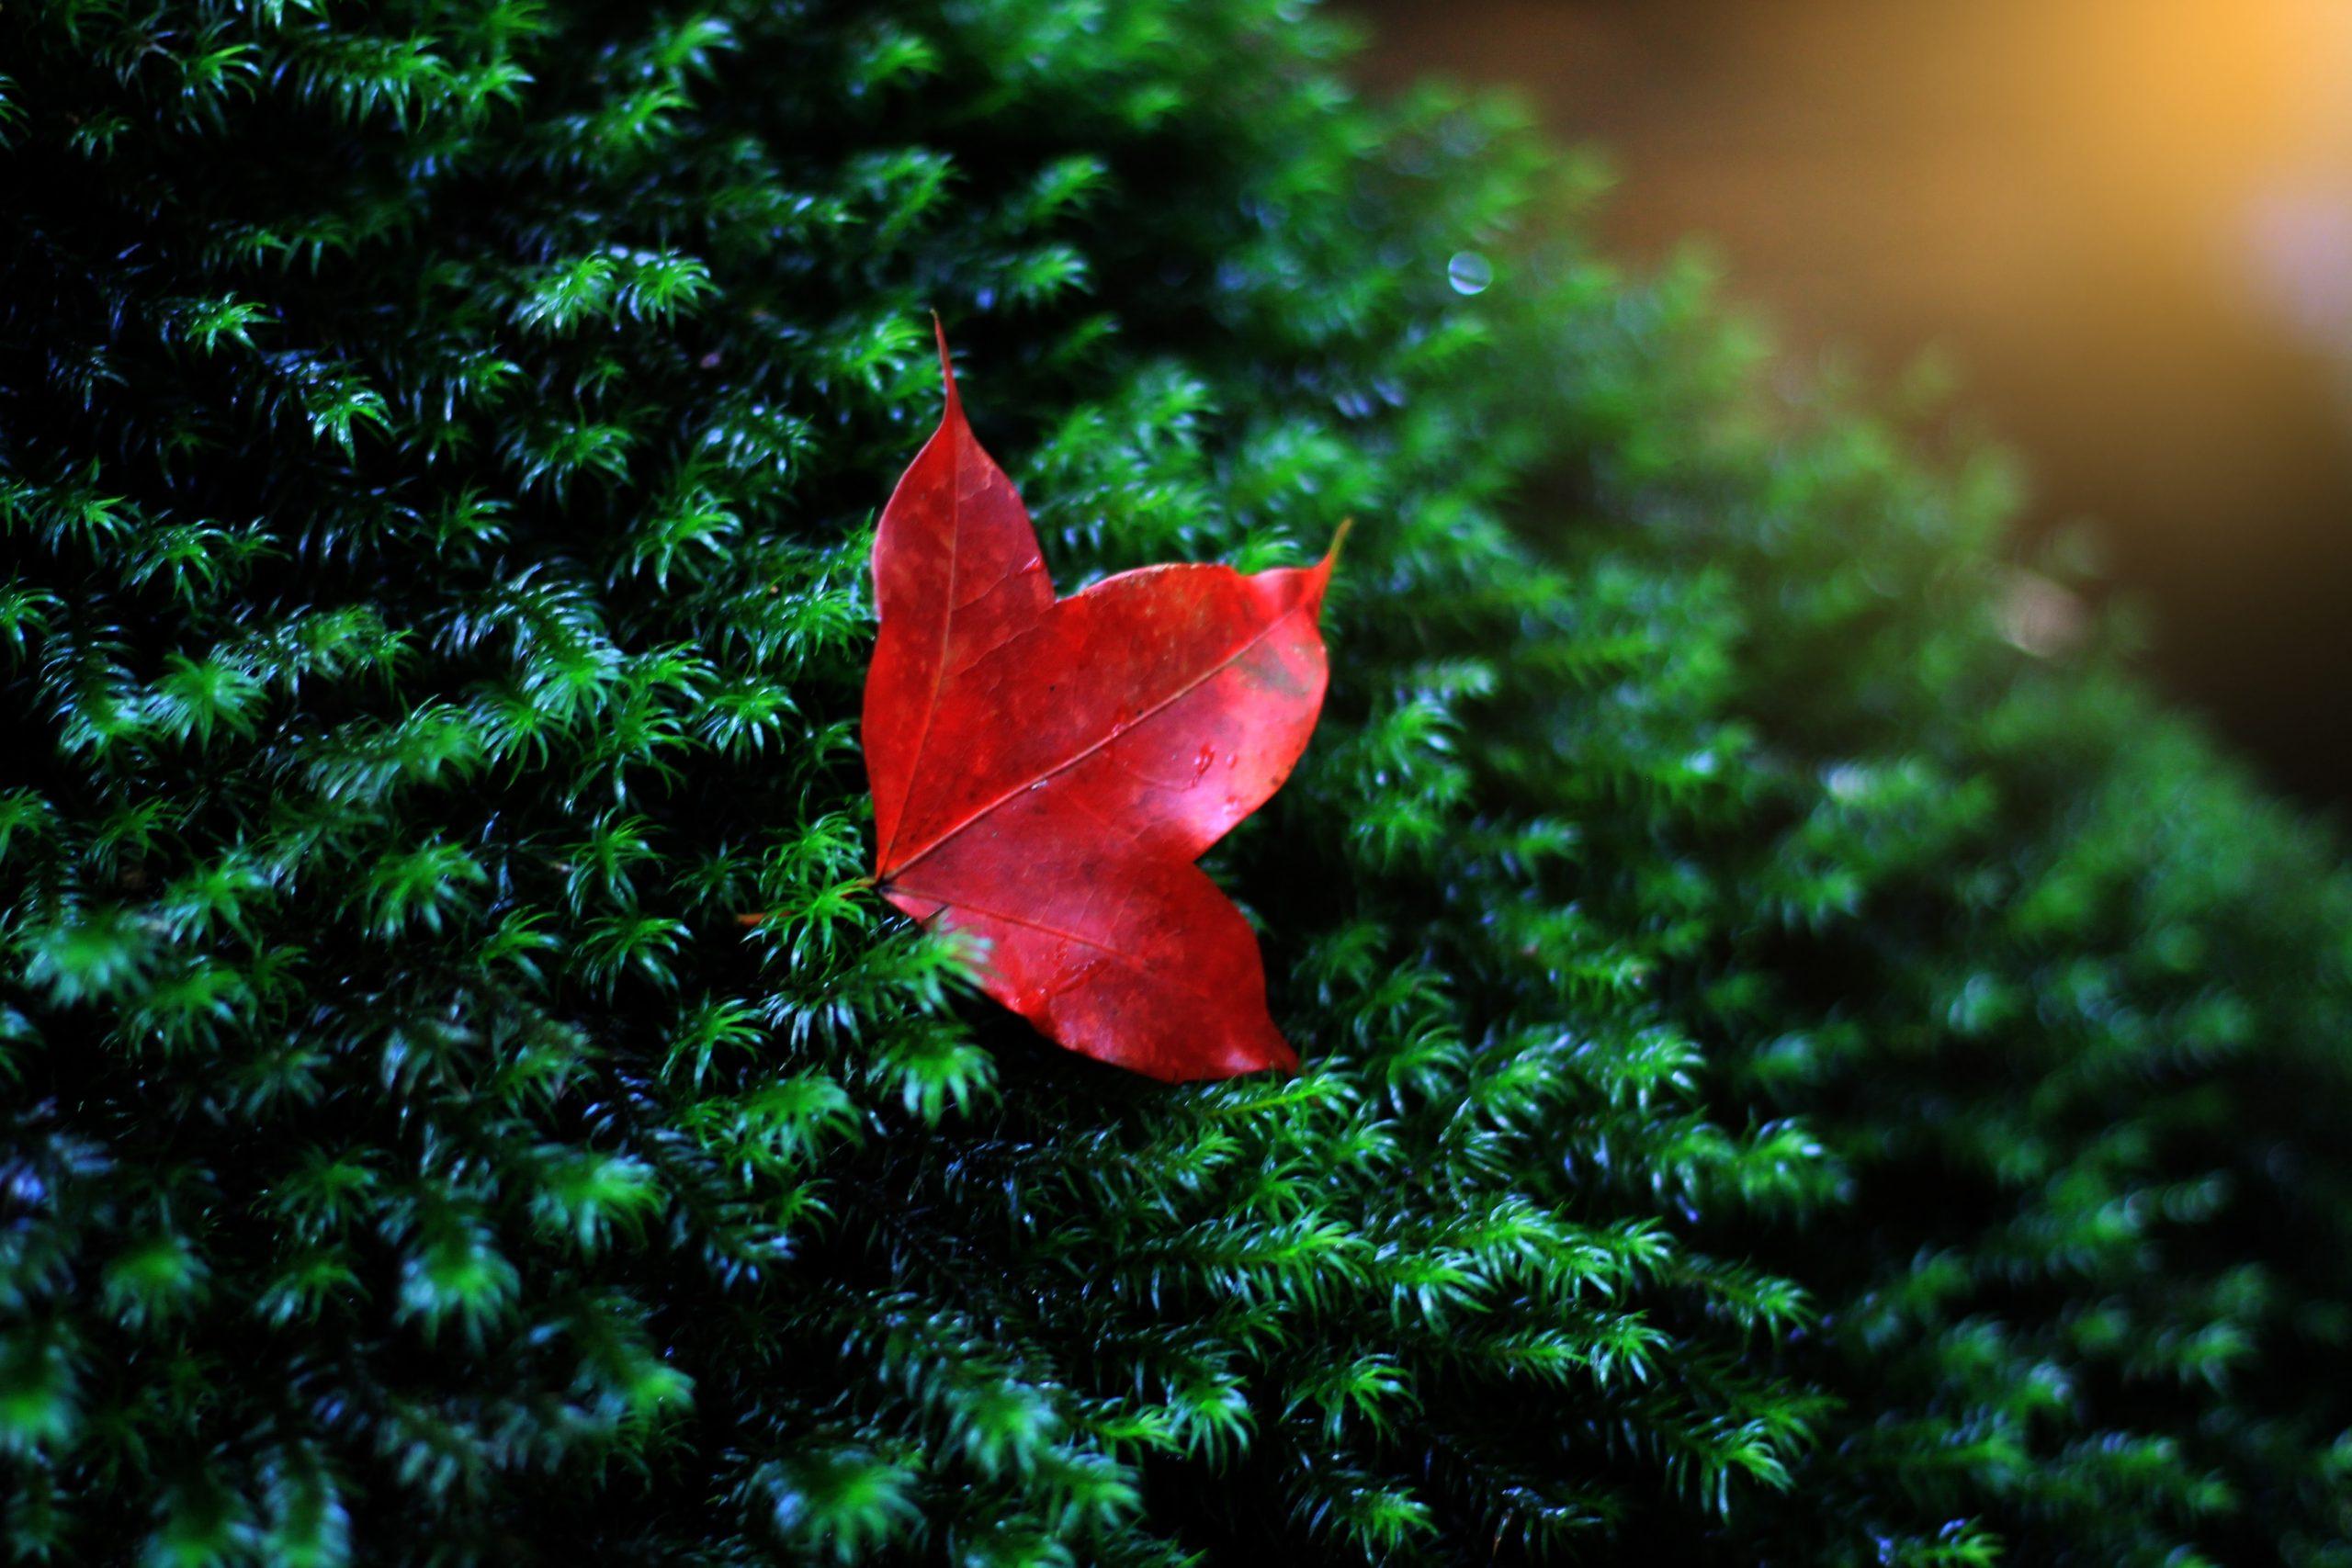 Red leaf on green bush.